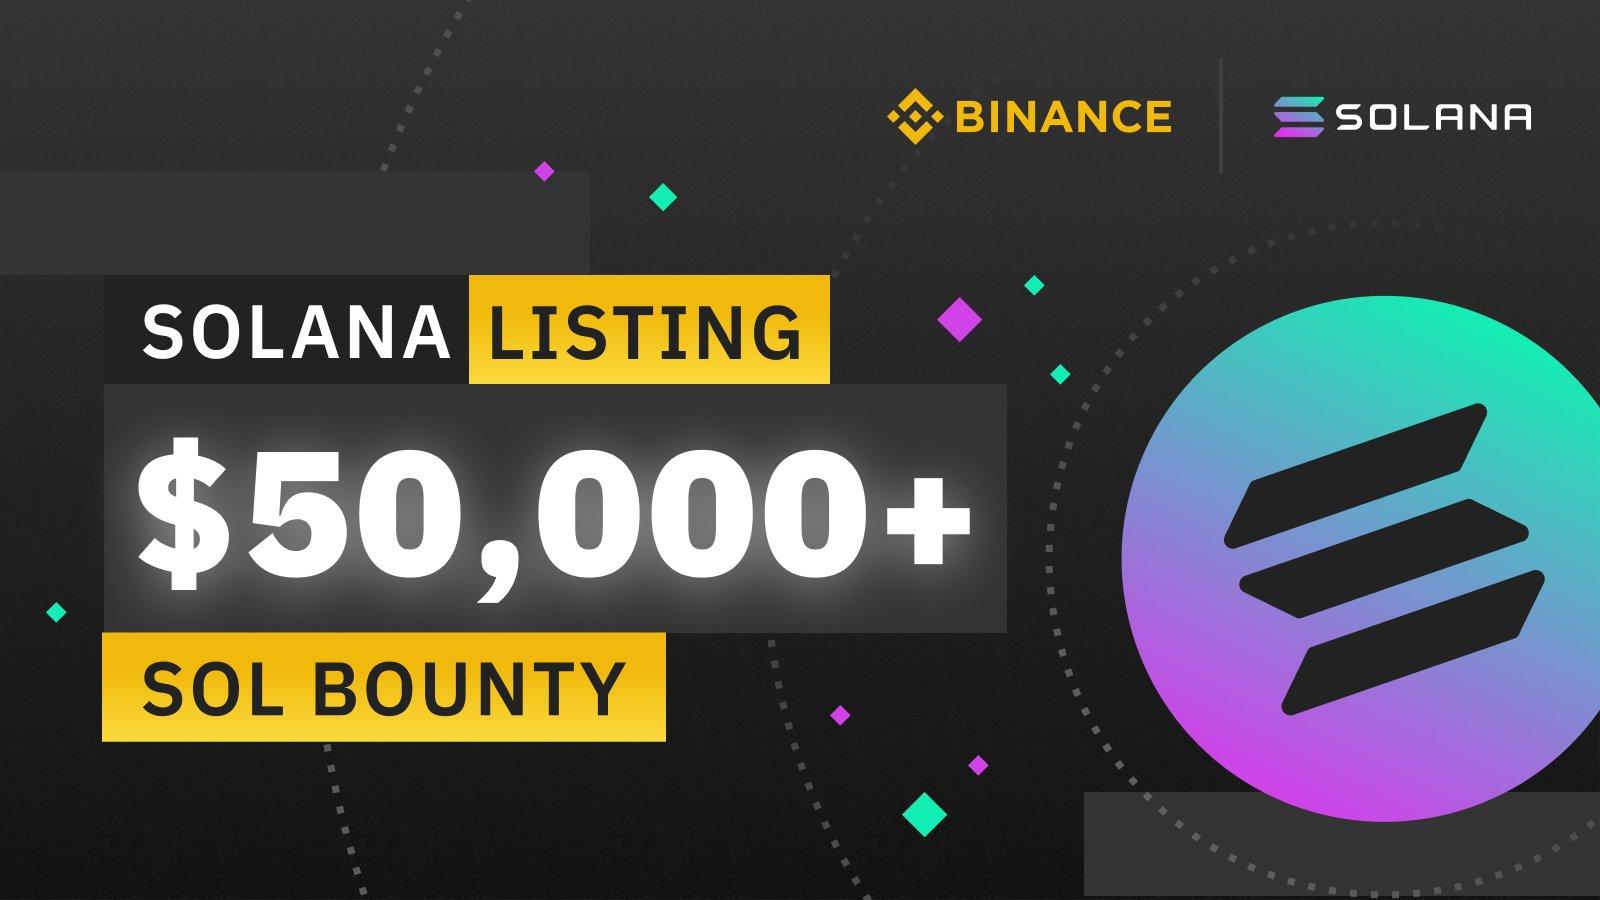 「Binance」Solana(SOL)上場記念 $ 50,000の賞金プロモーションを開始